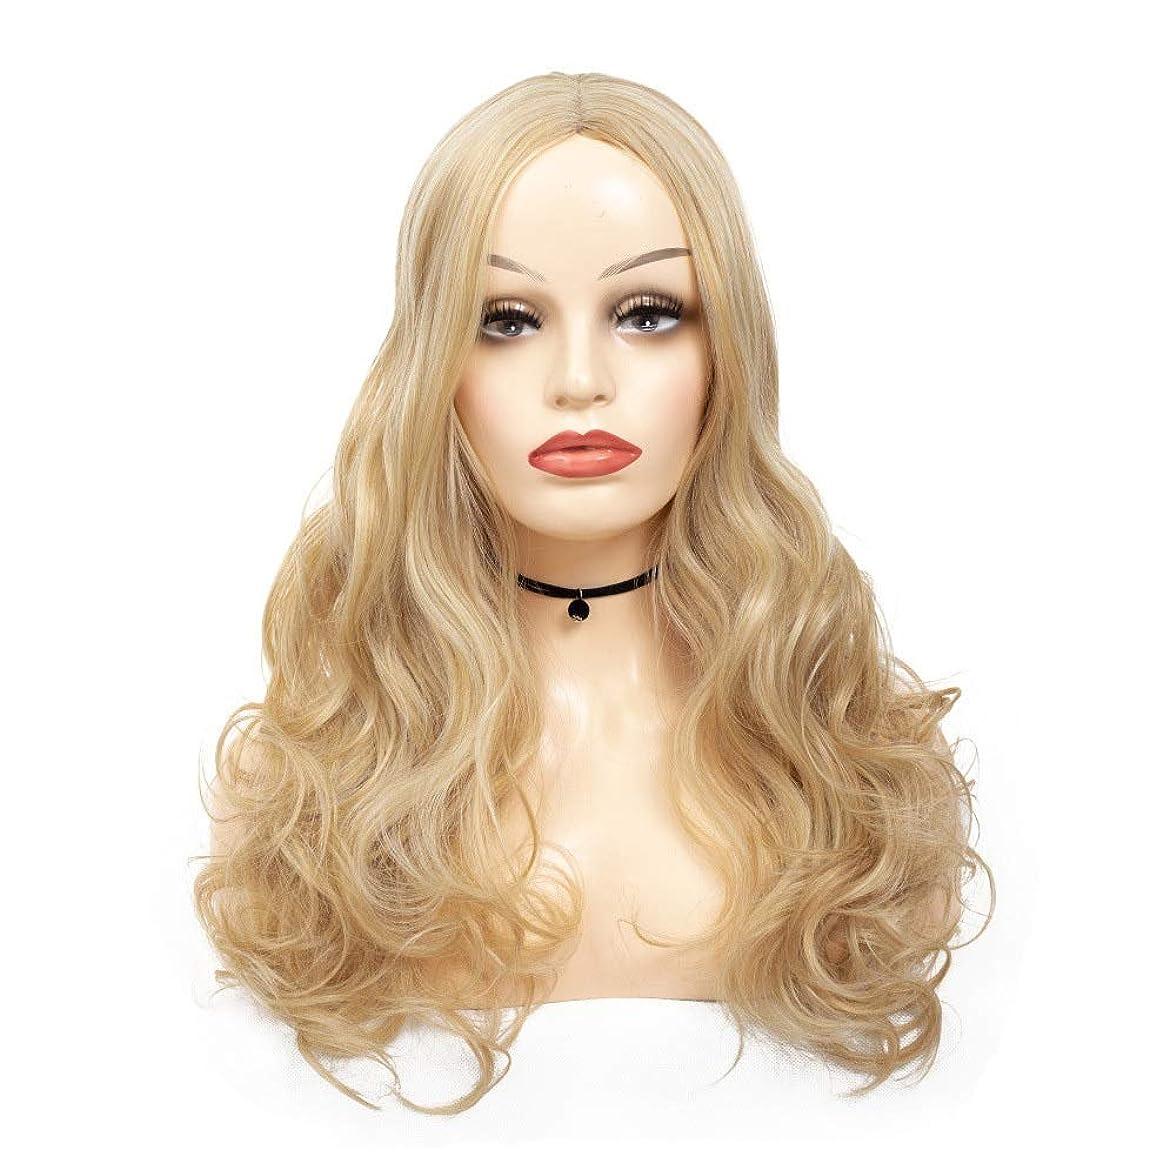 象発火する電池YESONEEP 長いブロンドのかつら高温かつら実体波長い波状の女性合成かつらブロンドのかつら巻き毛のかつらかつらパーティーかつら (色 : Blonde, サイズ : 70cm)